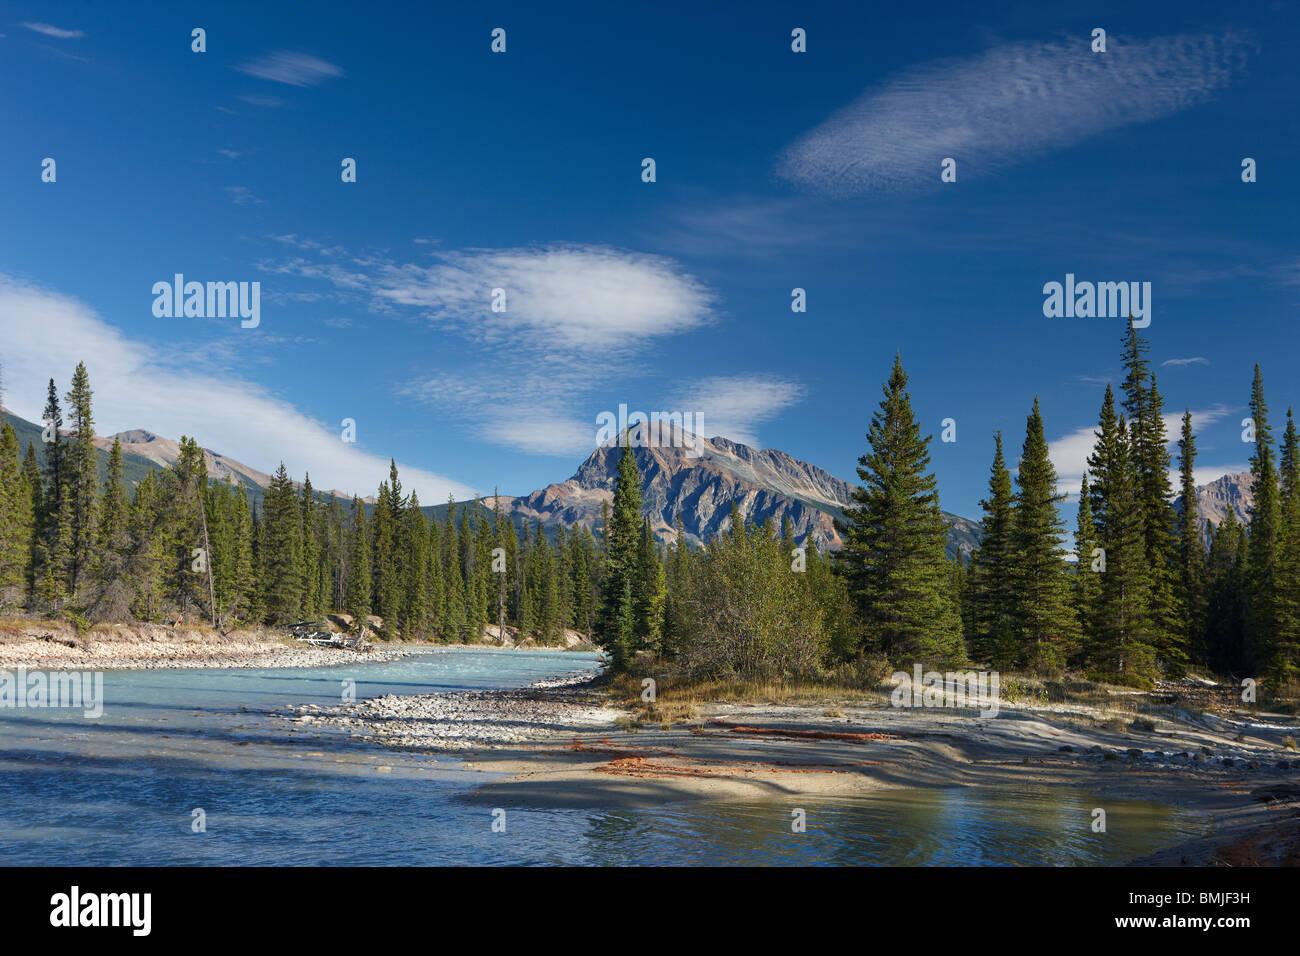 La rivière Athabasca à Otto's Cache, Jasper National Park, Alberta, Canada Photo Stock